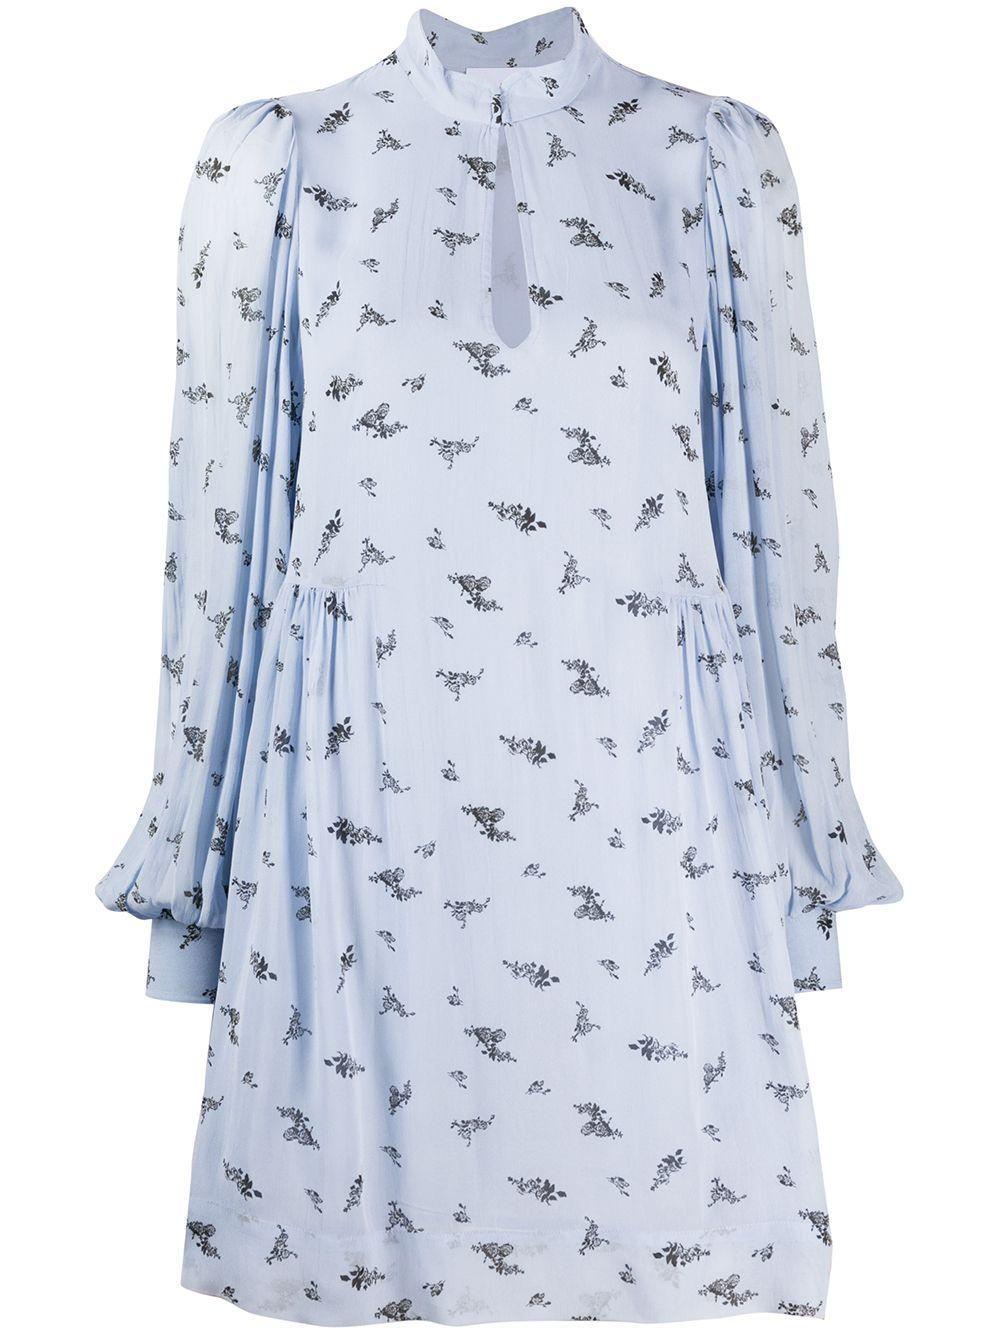 Printed Georgette Long Sleeve Dress Item # F4534